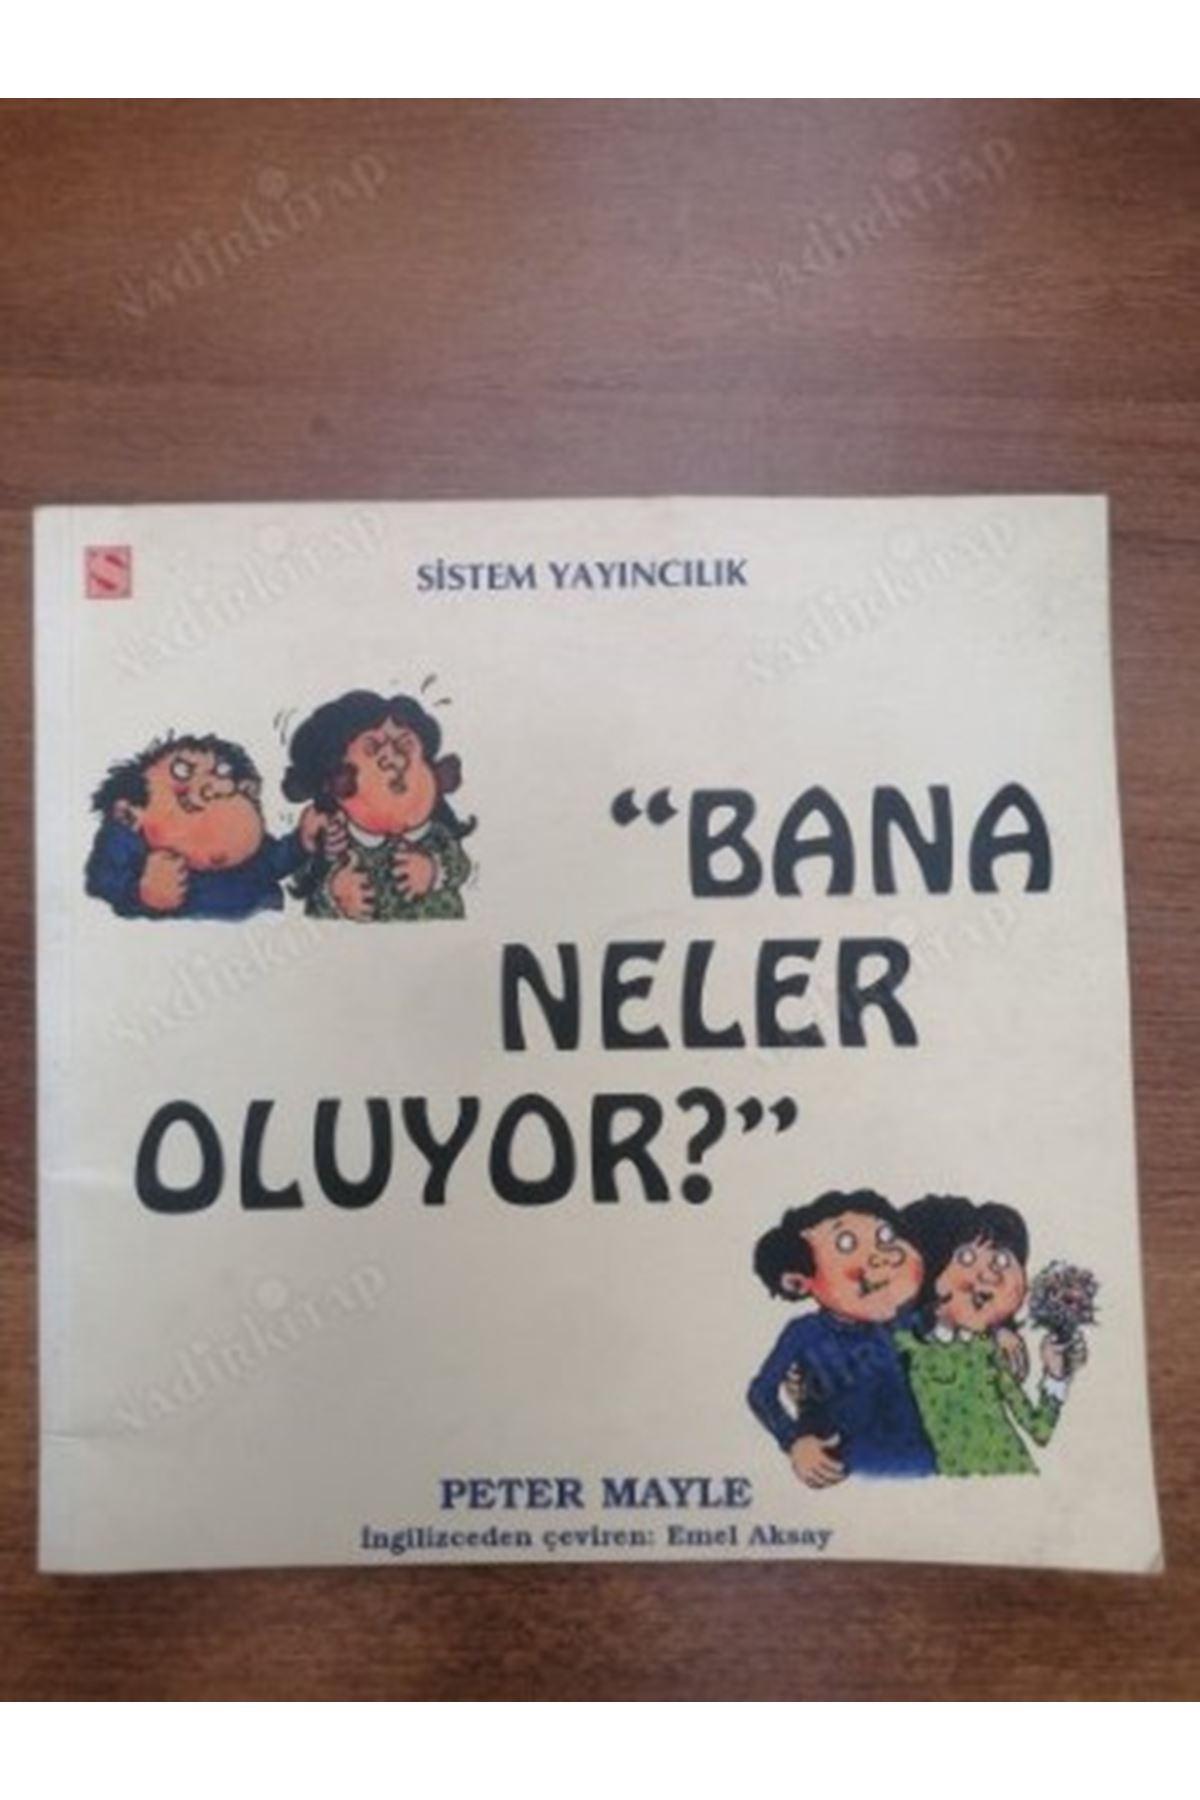 PETER MAYLE - BANA NELER OLUYOR